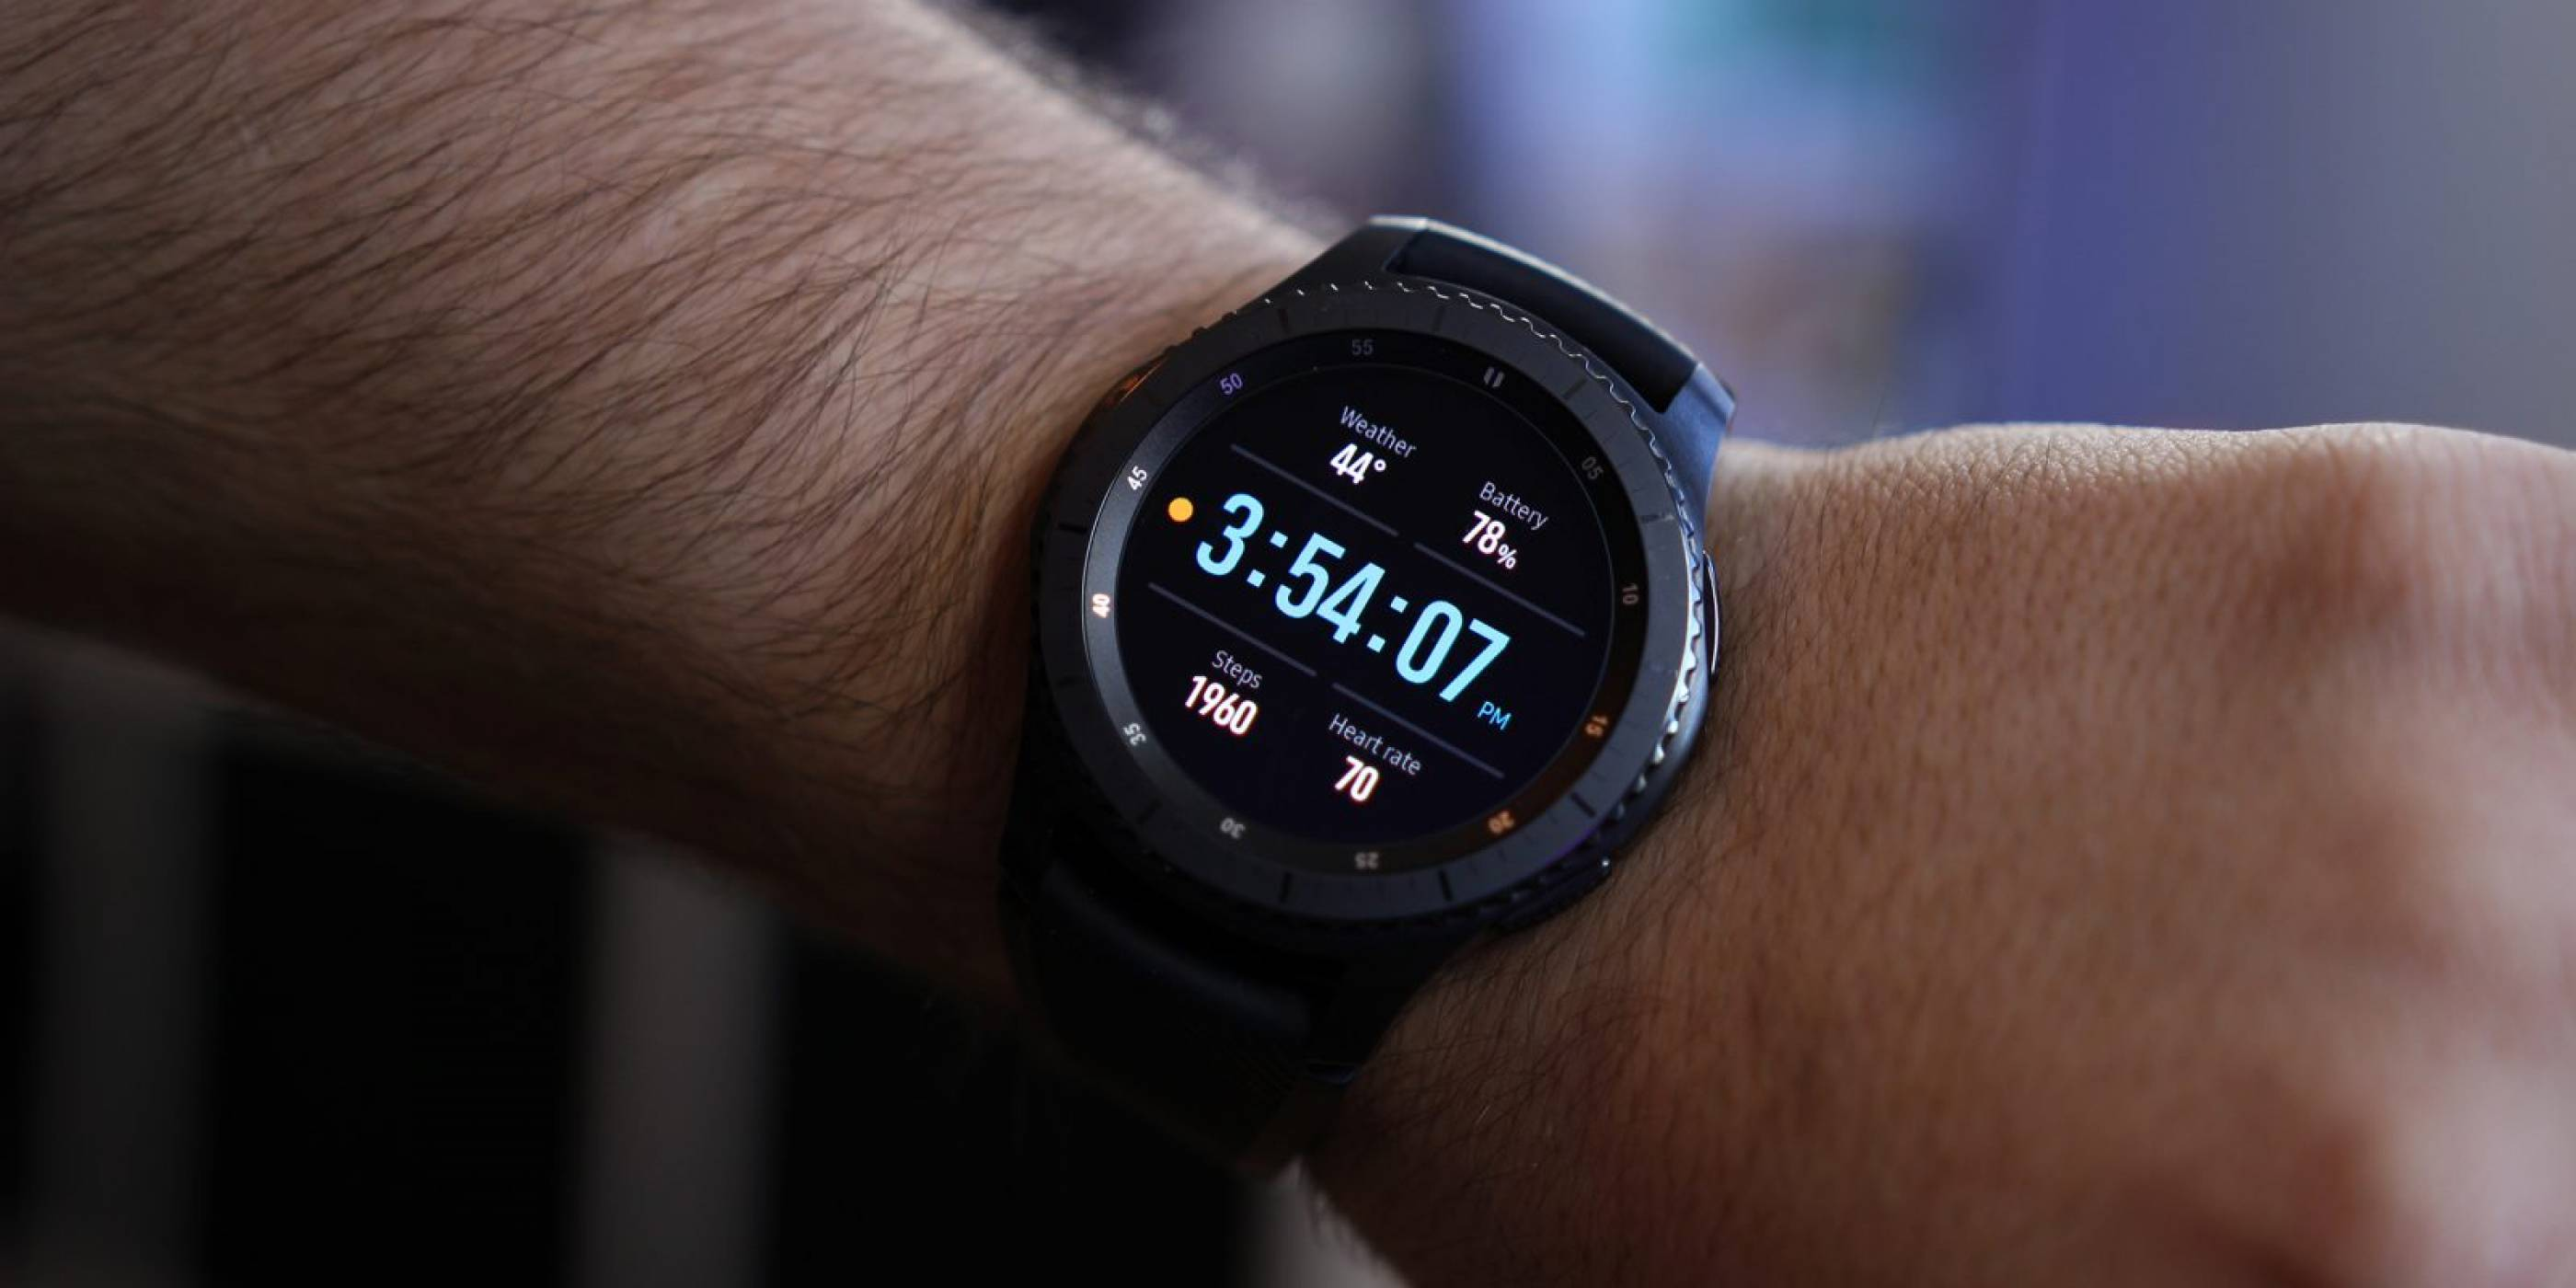 Samsung ще подари Gear S3 на всички присъстващи на конференцията на Tizen